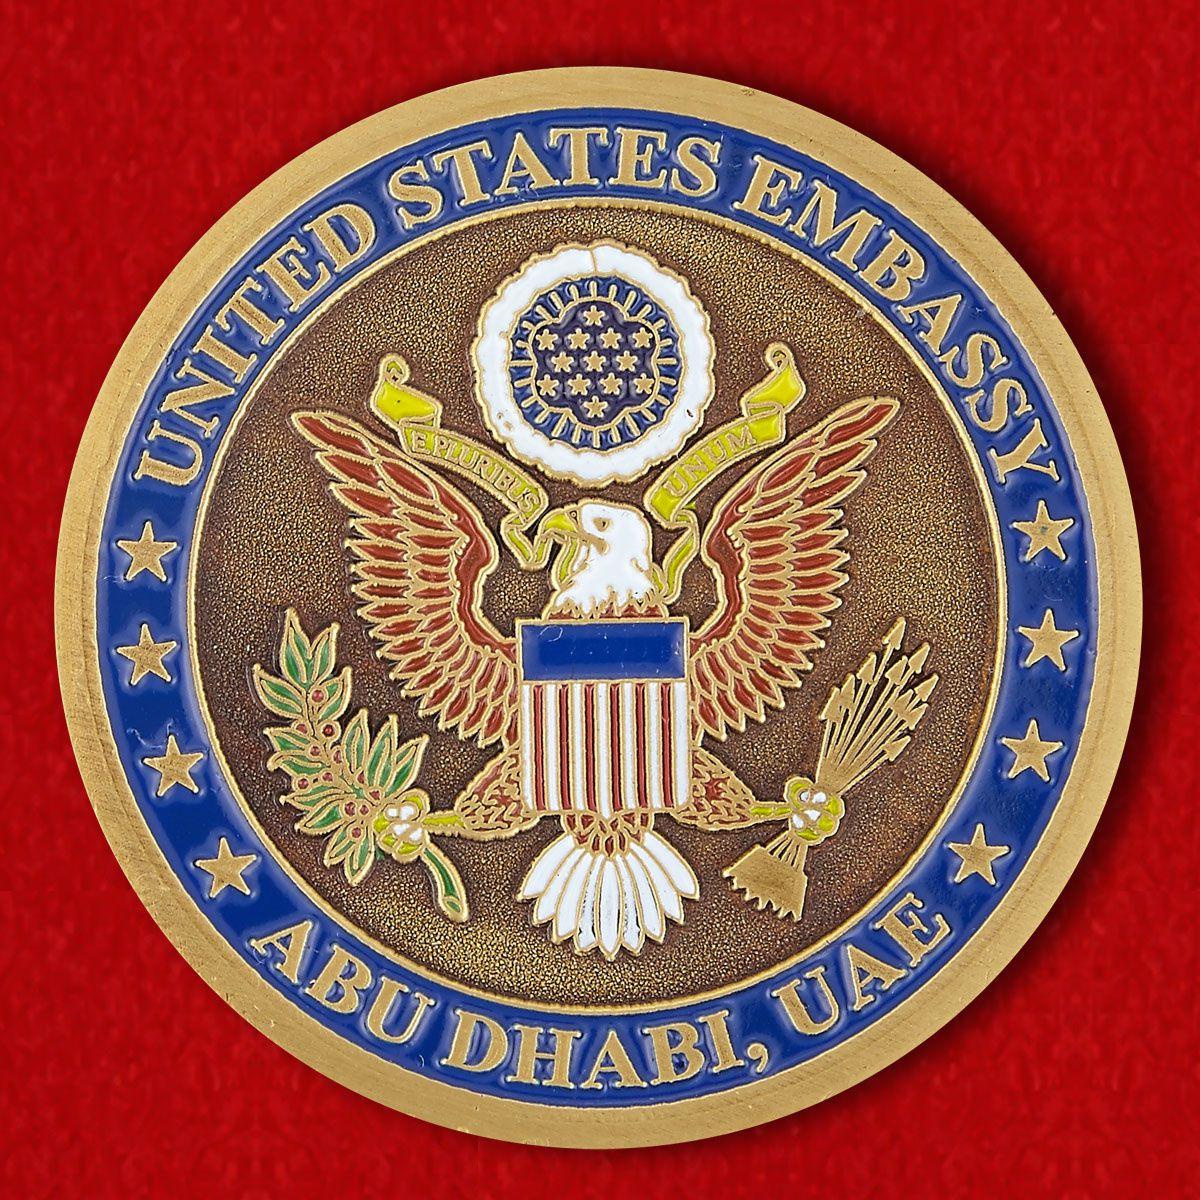 Челлендж коин Посольства США в Абу-Даби